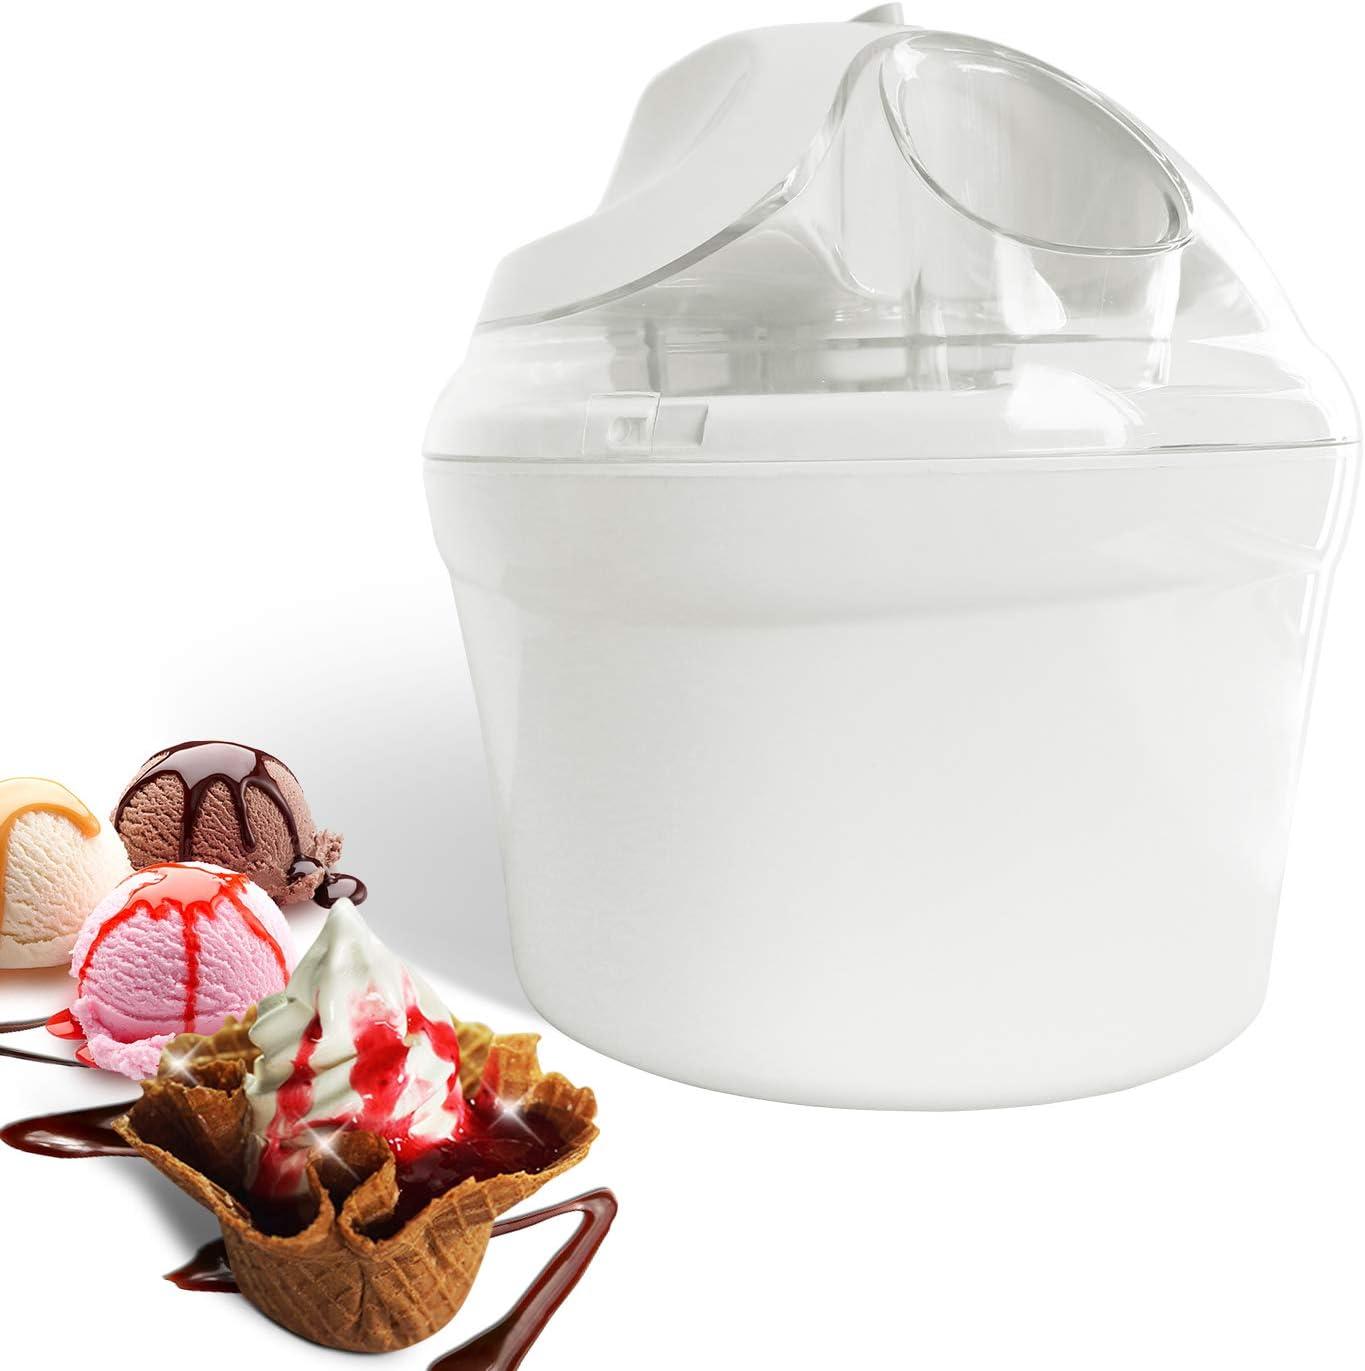 Leogreen Macchina Per Fare Yogurt Freddo Gelatiera Bianco Potenza 12 W Dimensioni Della Ciotola 20 X 20 X 13 5 Cm Amazon It Casa E Cucina